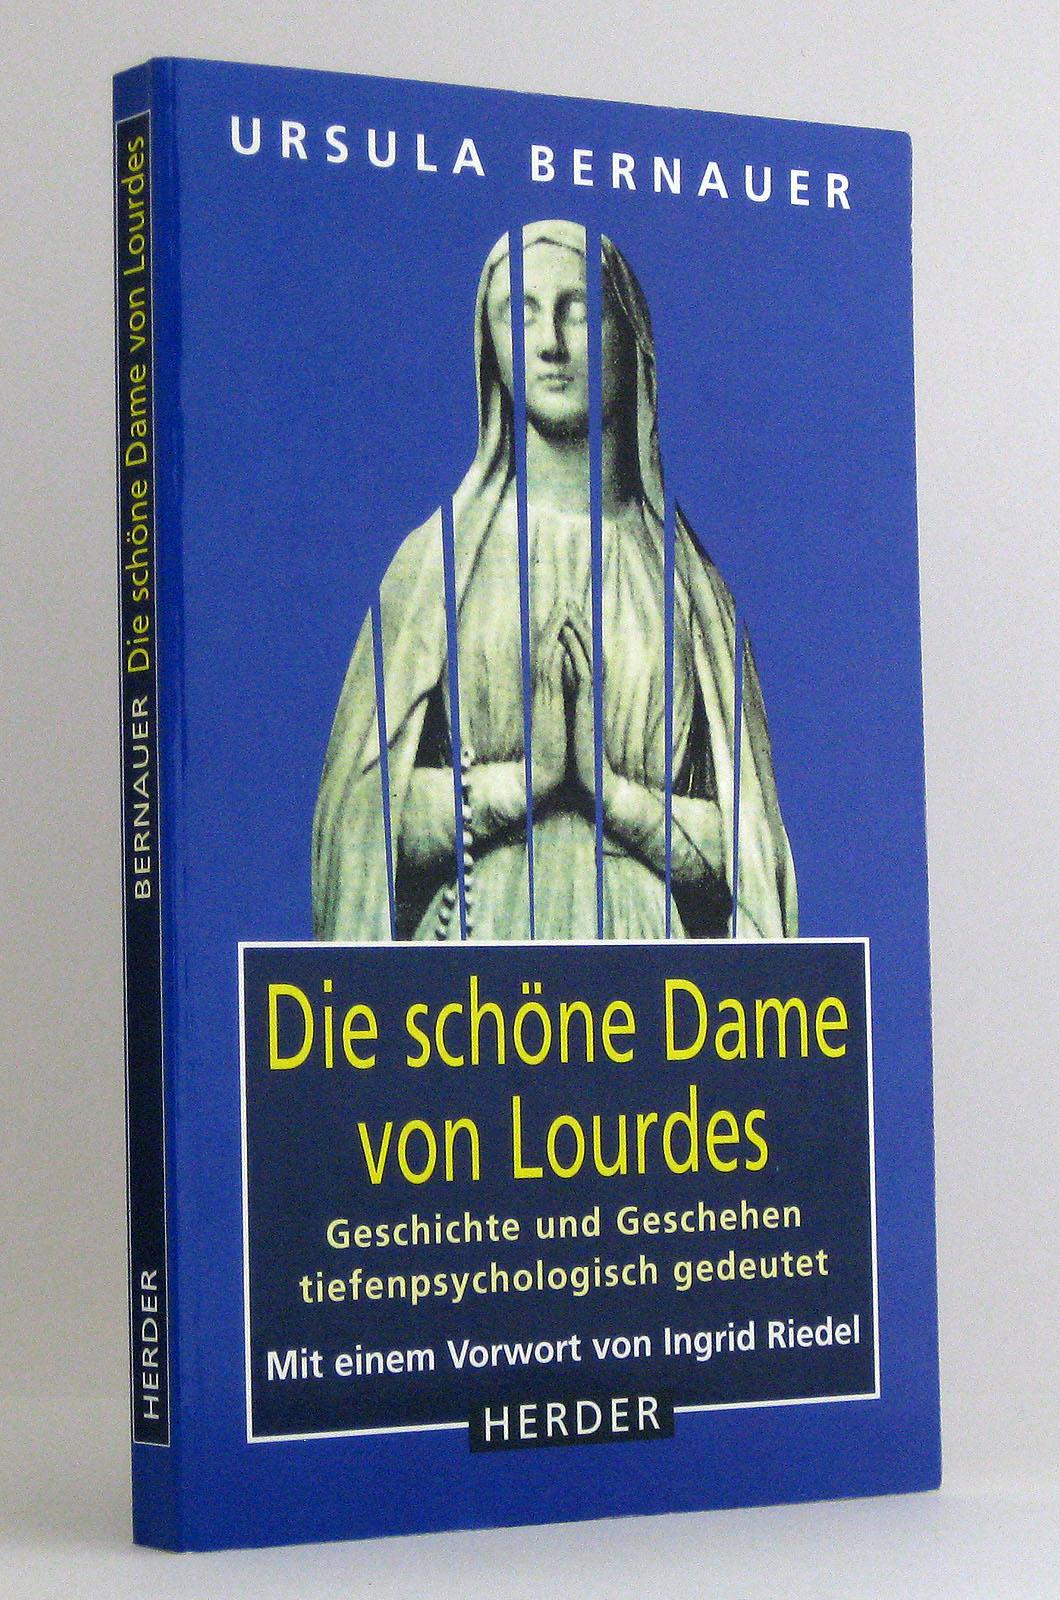 Die schöne Dame von Lourdes